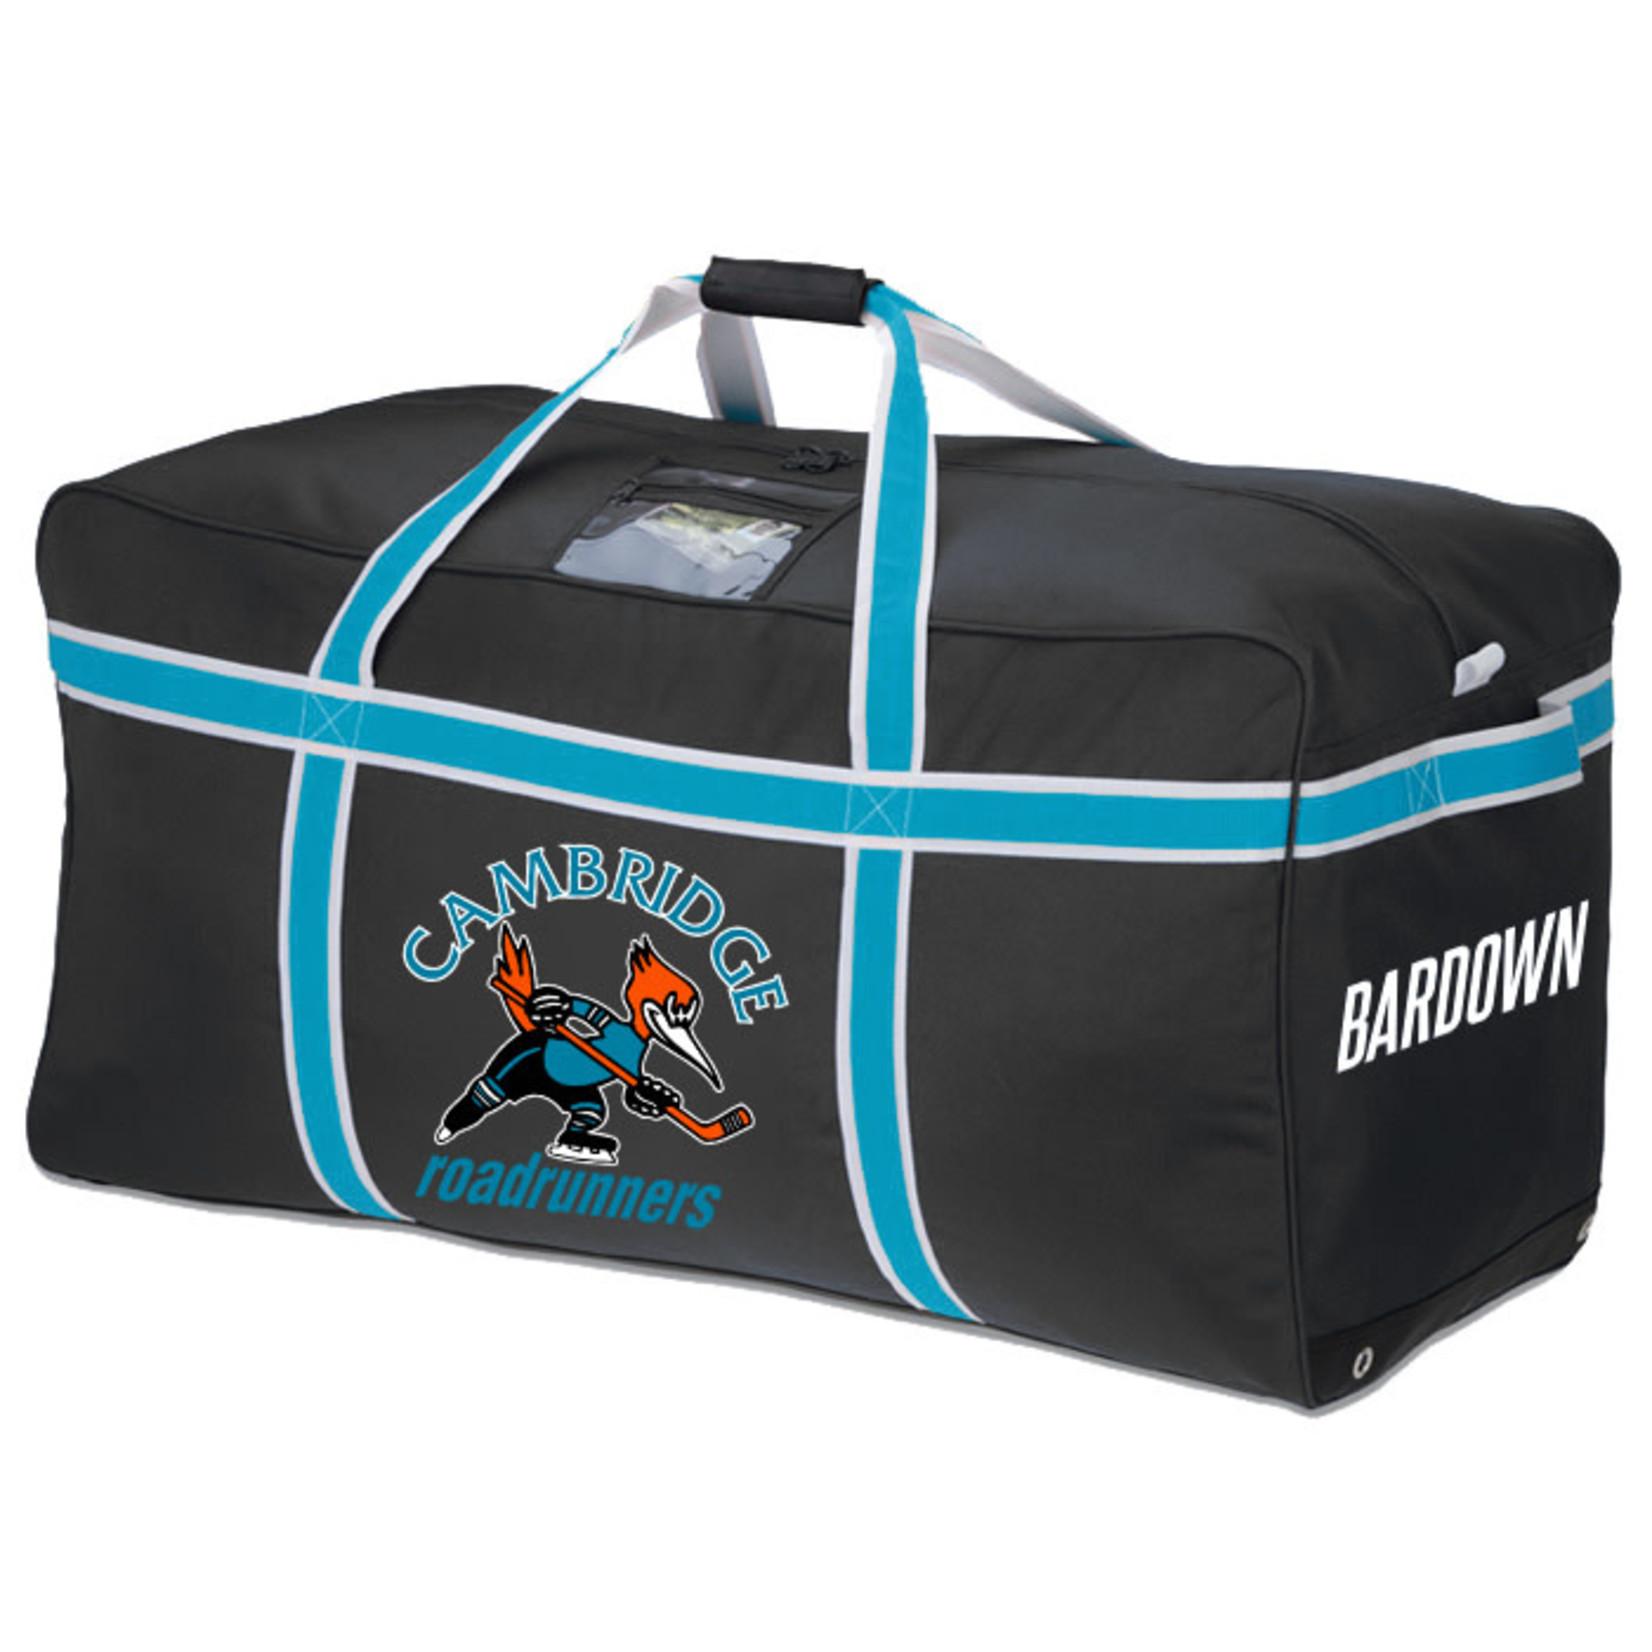 Bardown Roadrunners SR Bag - PRE ORDER